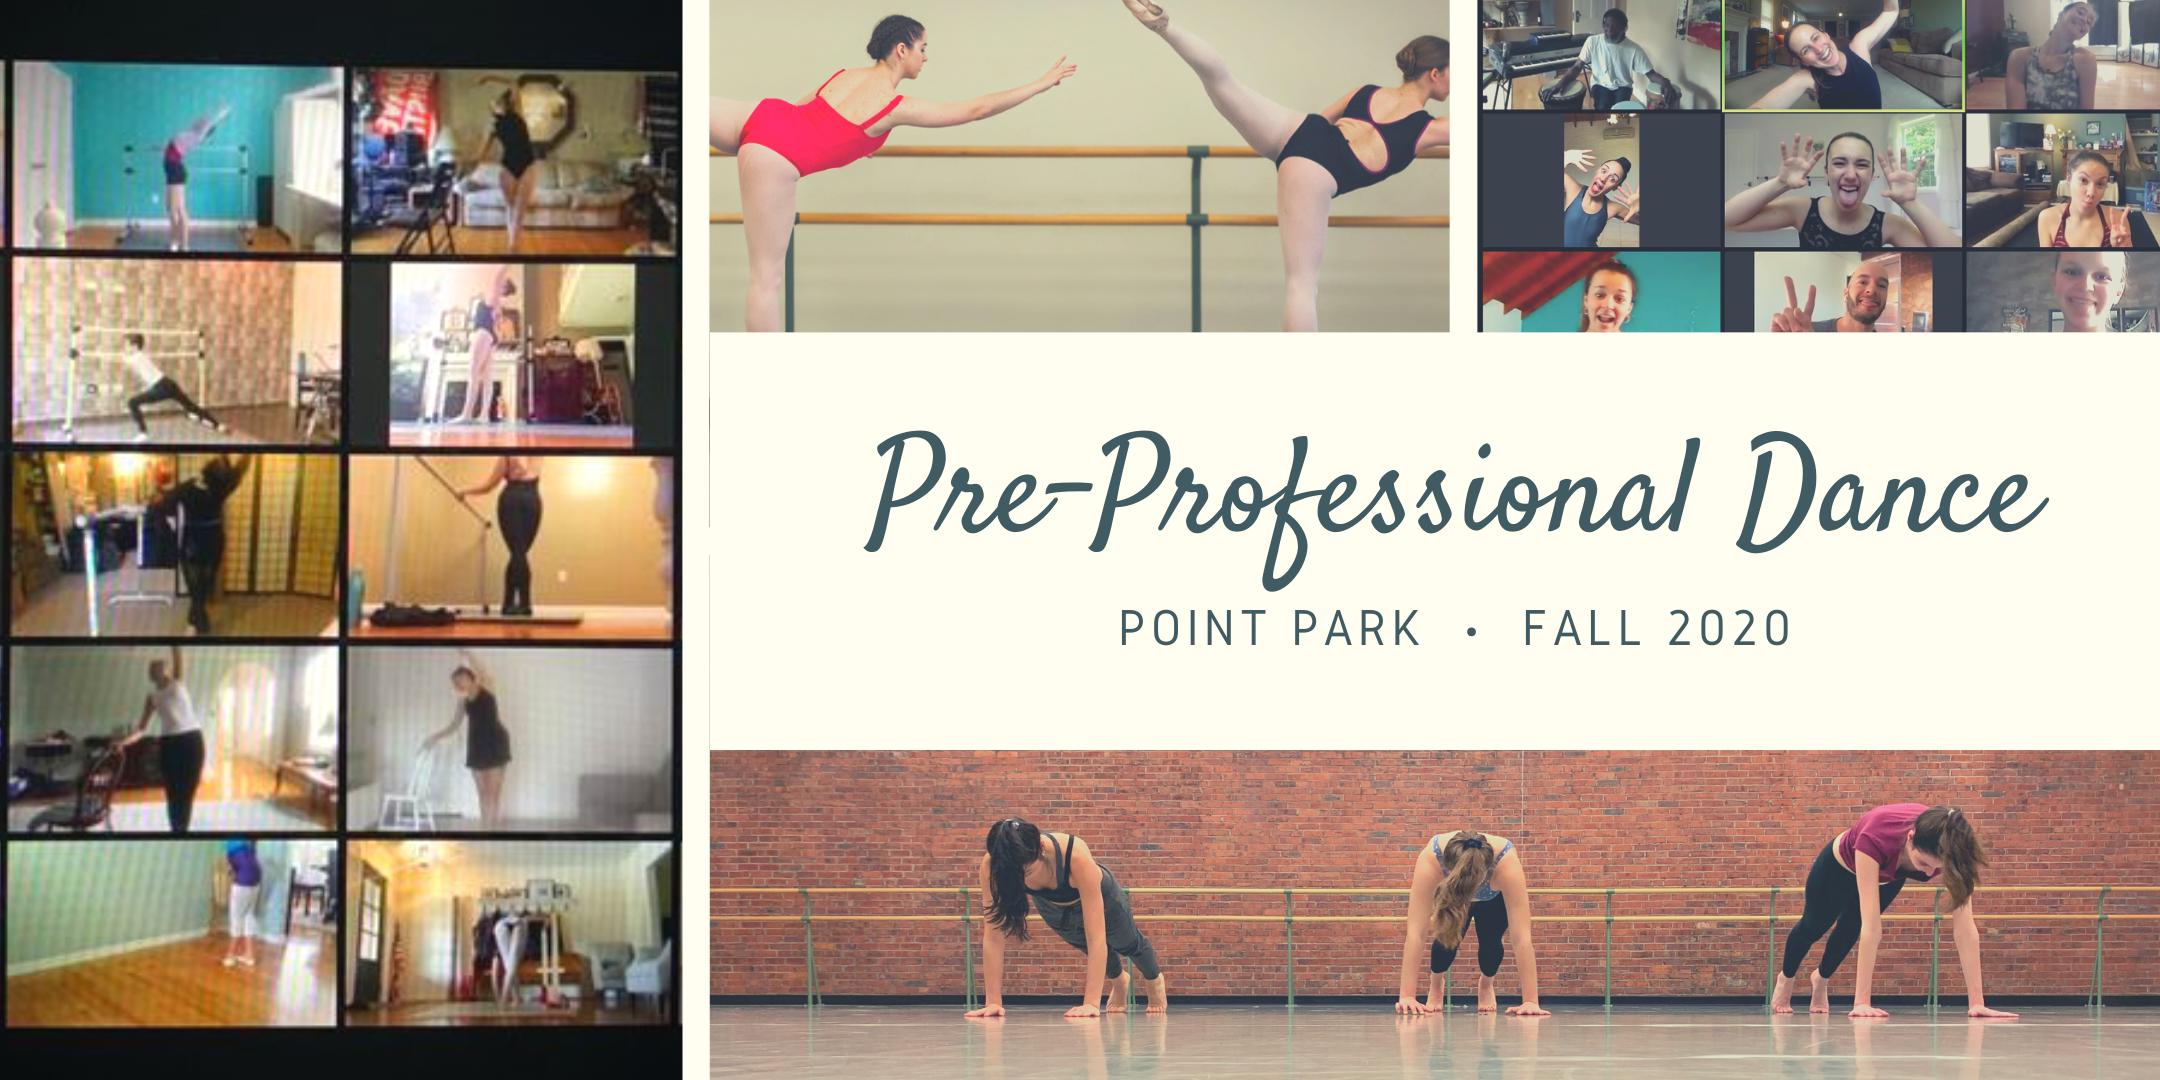 Point Park University: Online Community Classes